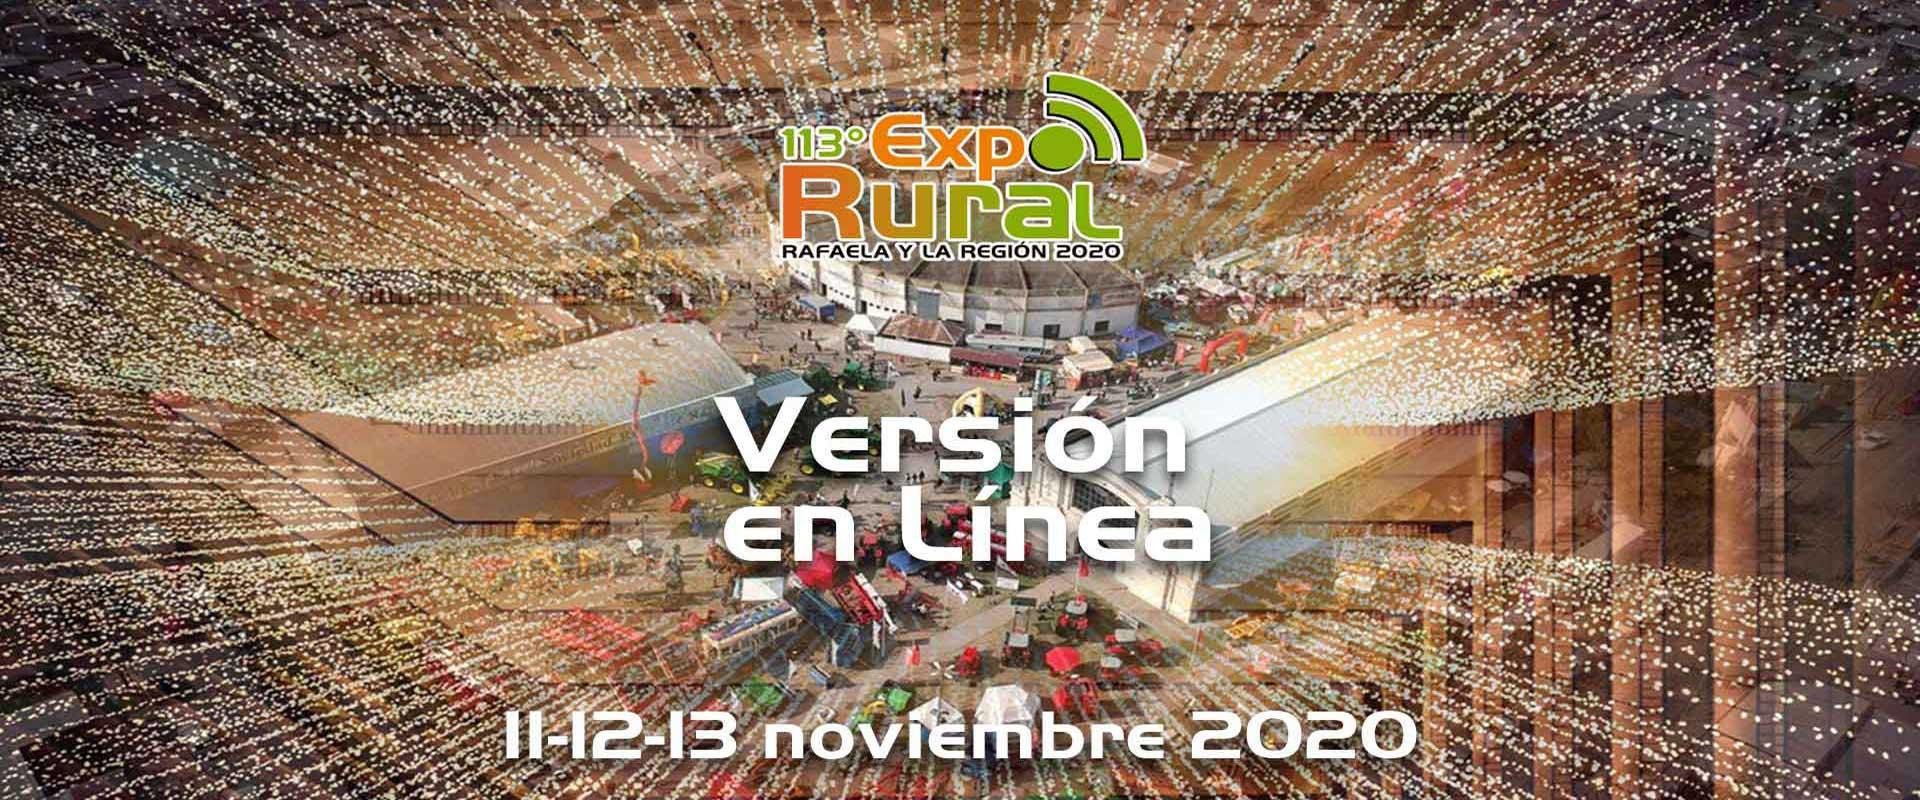 """En este momento estás viendo Confirmada la EXPORURAL 2020 Rafaela y la Región-Versión """"en línea"""""""